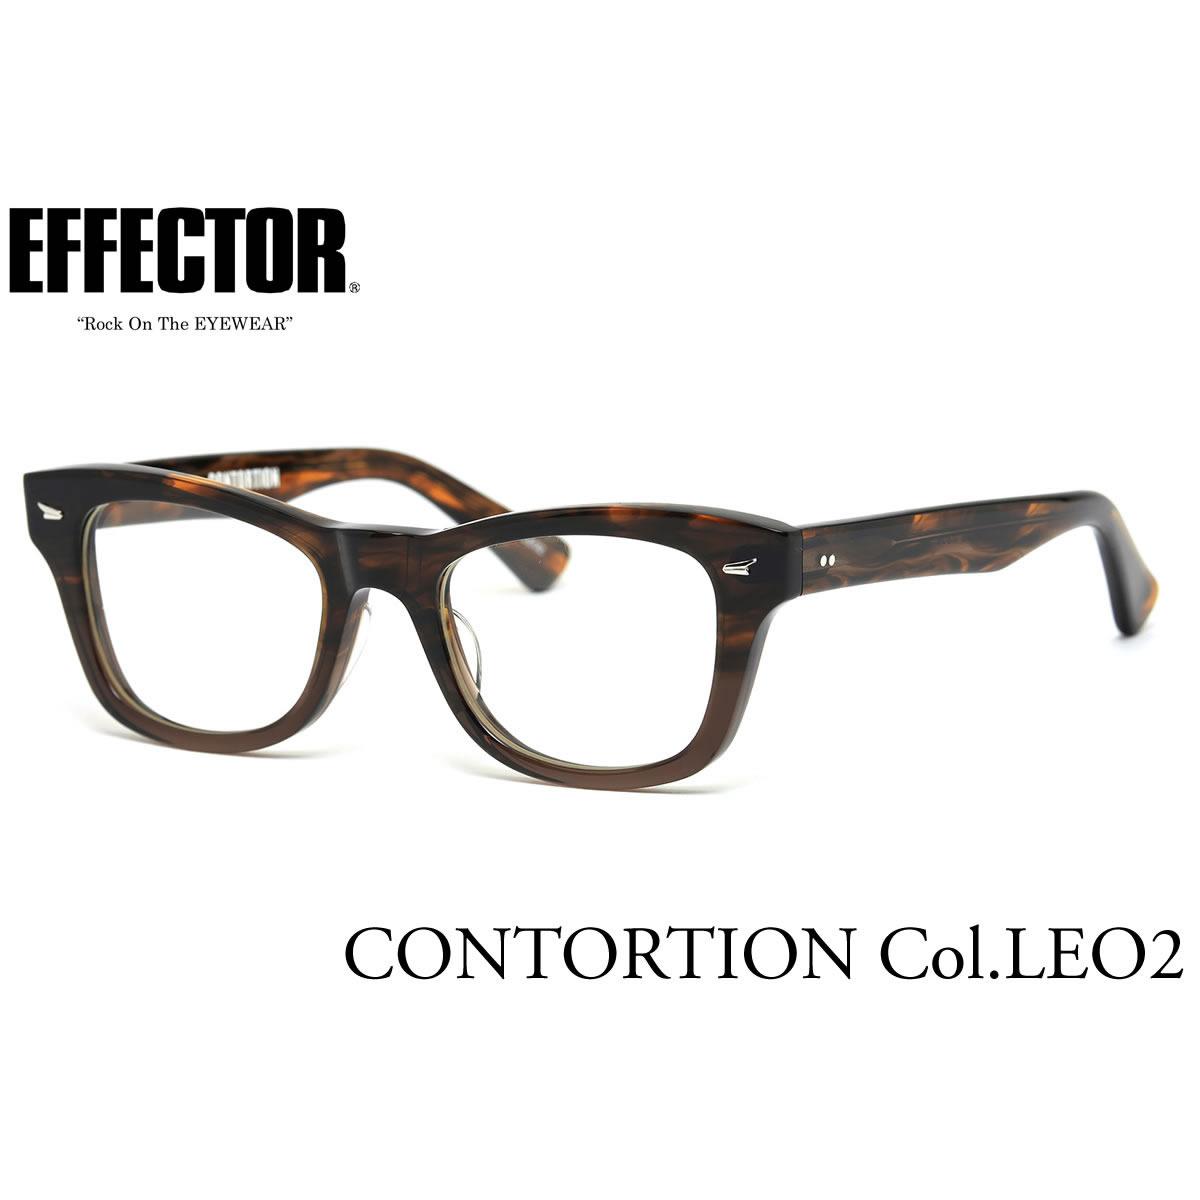 ほぼ全品ポイント15倍~最大43倍+3倍!お得なクーポンも! 【EFFECTOR】エフェクター 眼鏡 メガネ フレーム CONTORTION LEO2 51サイズ エフェクター EFFECTOR コントーション UVカット仕様伊達メガネレンズ付 日本製 メンズ レディース